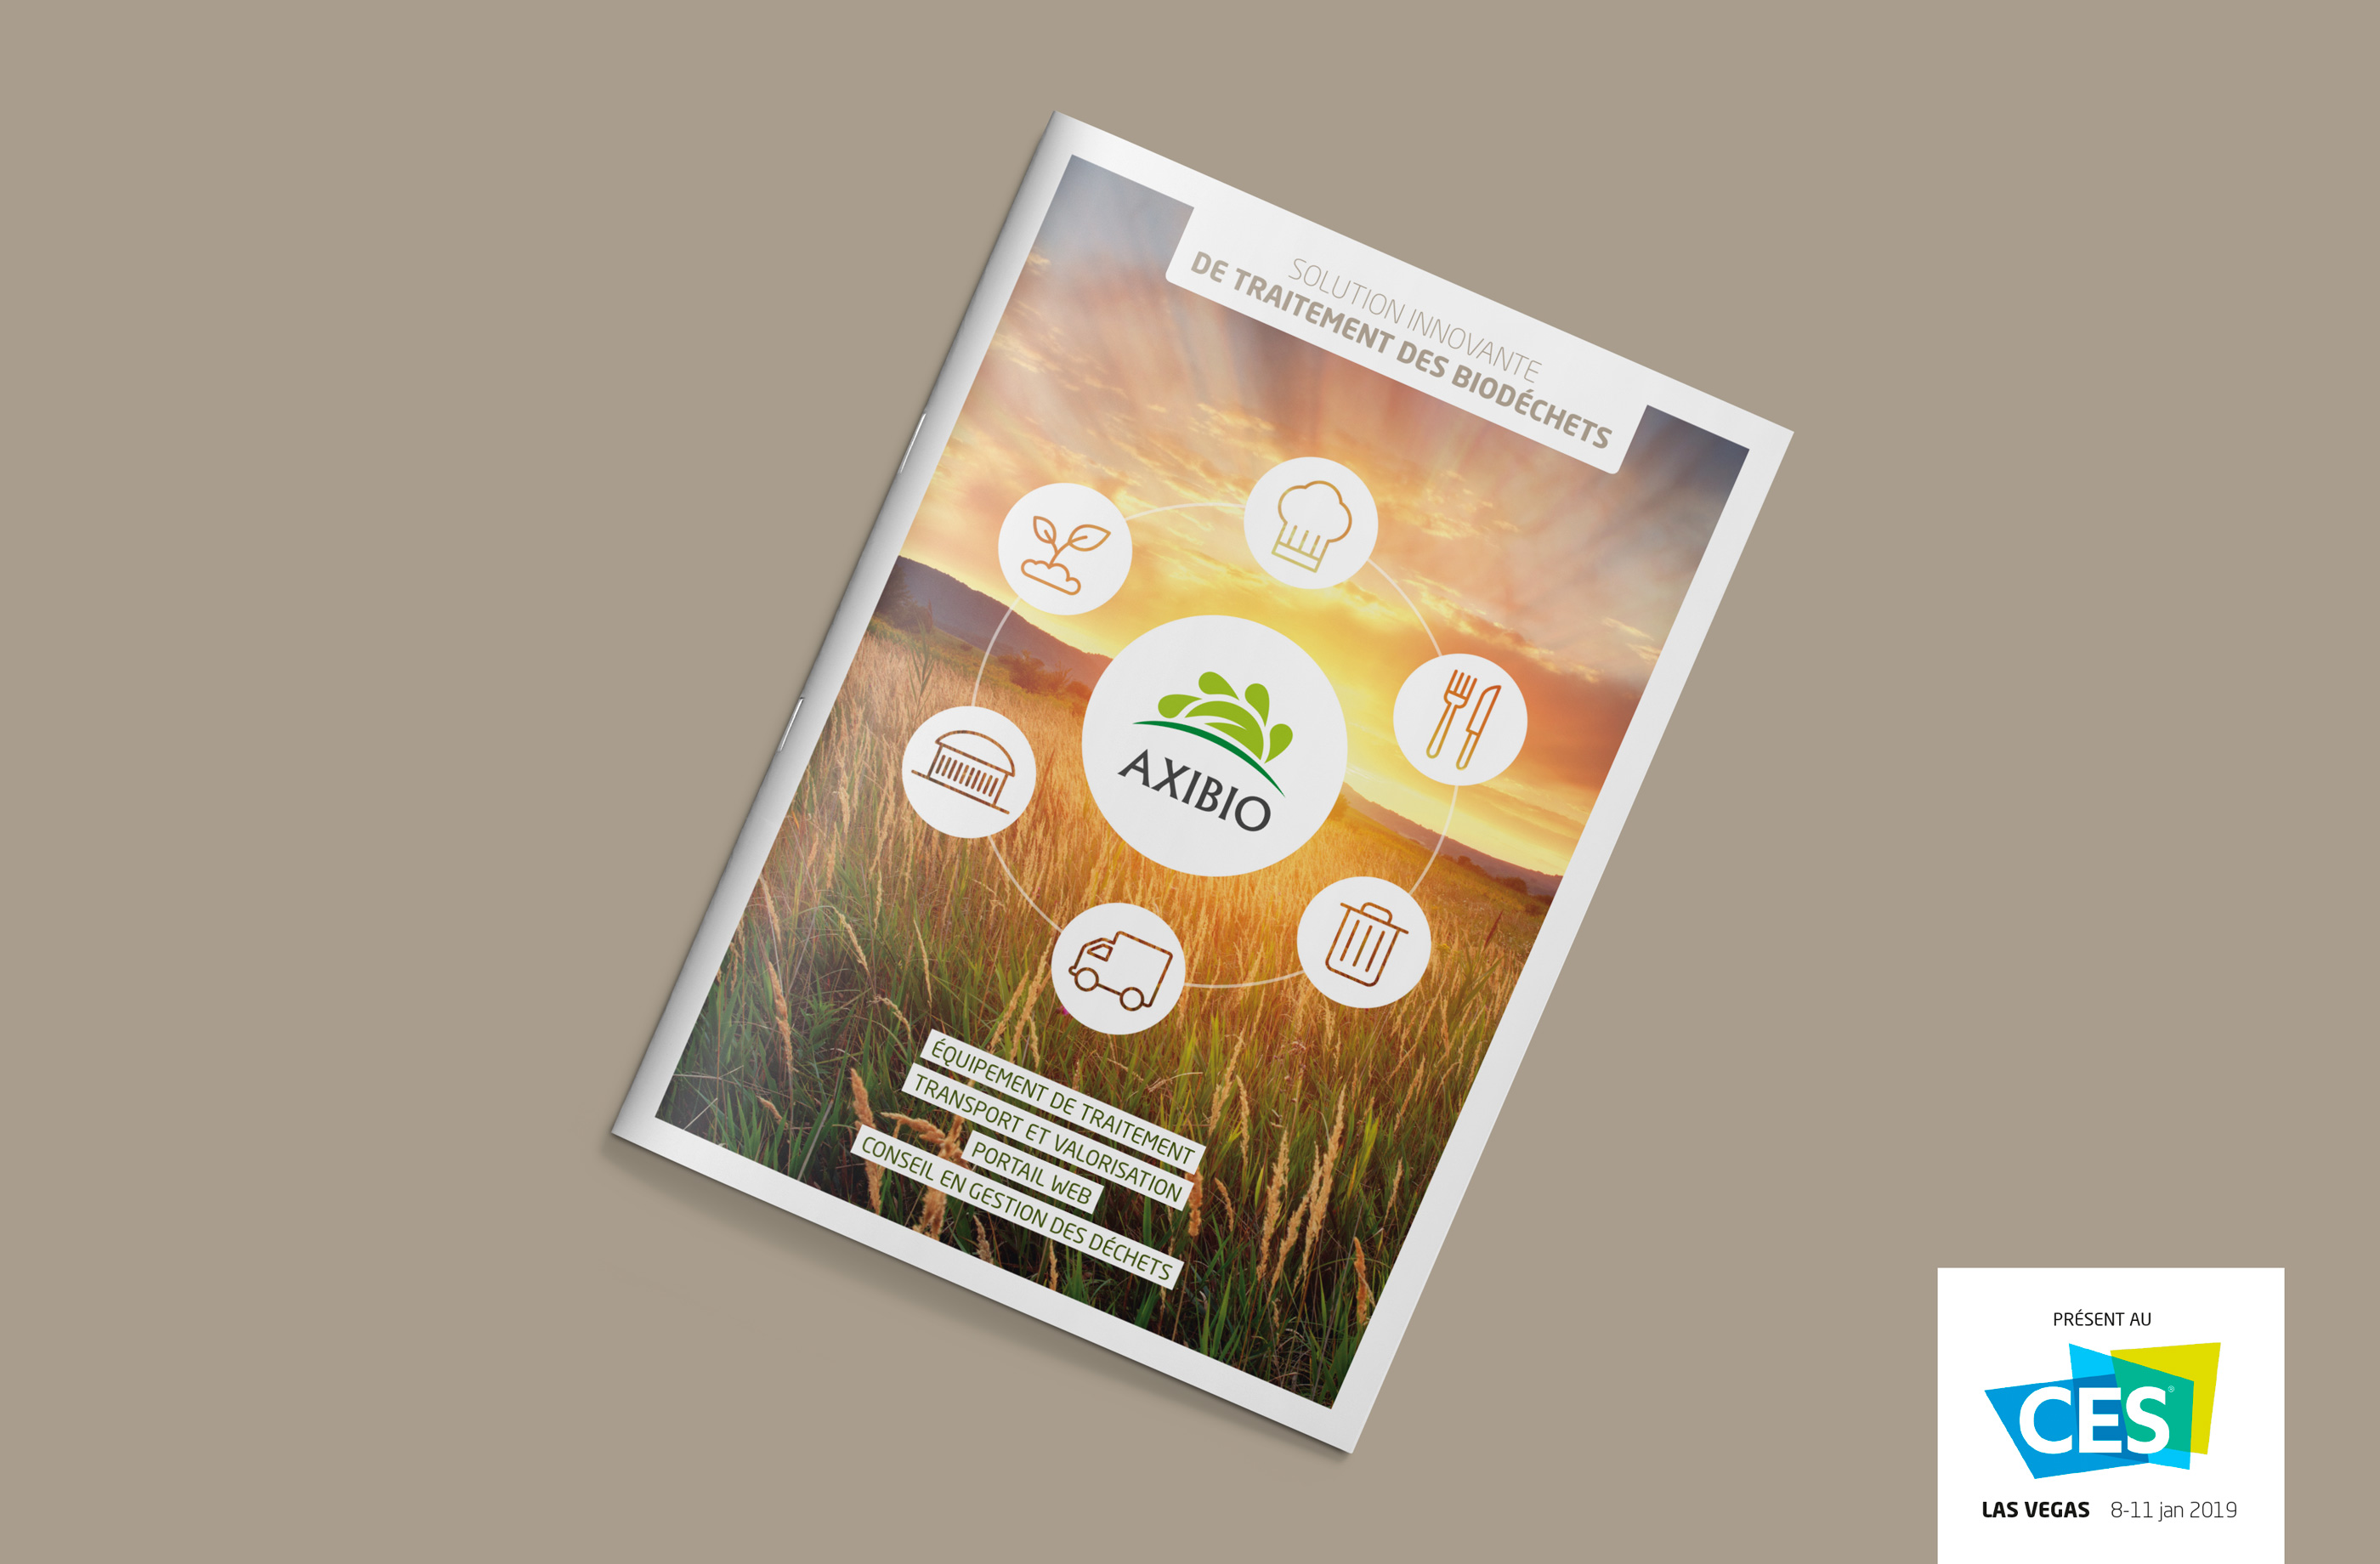 Brochure restaurateur Axibio avec le logo CES Las Vegas